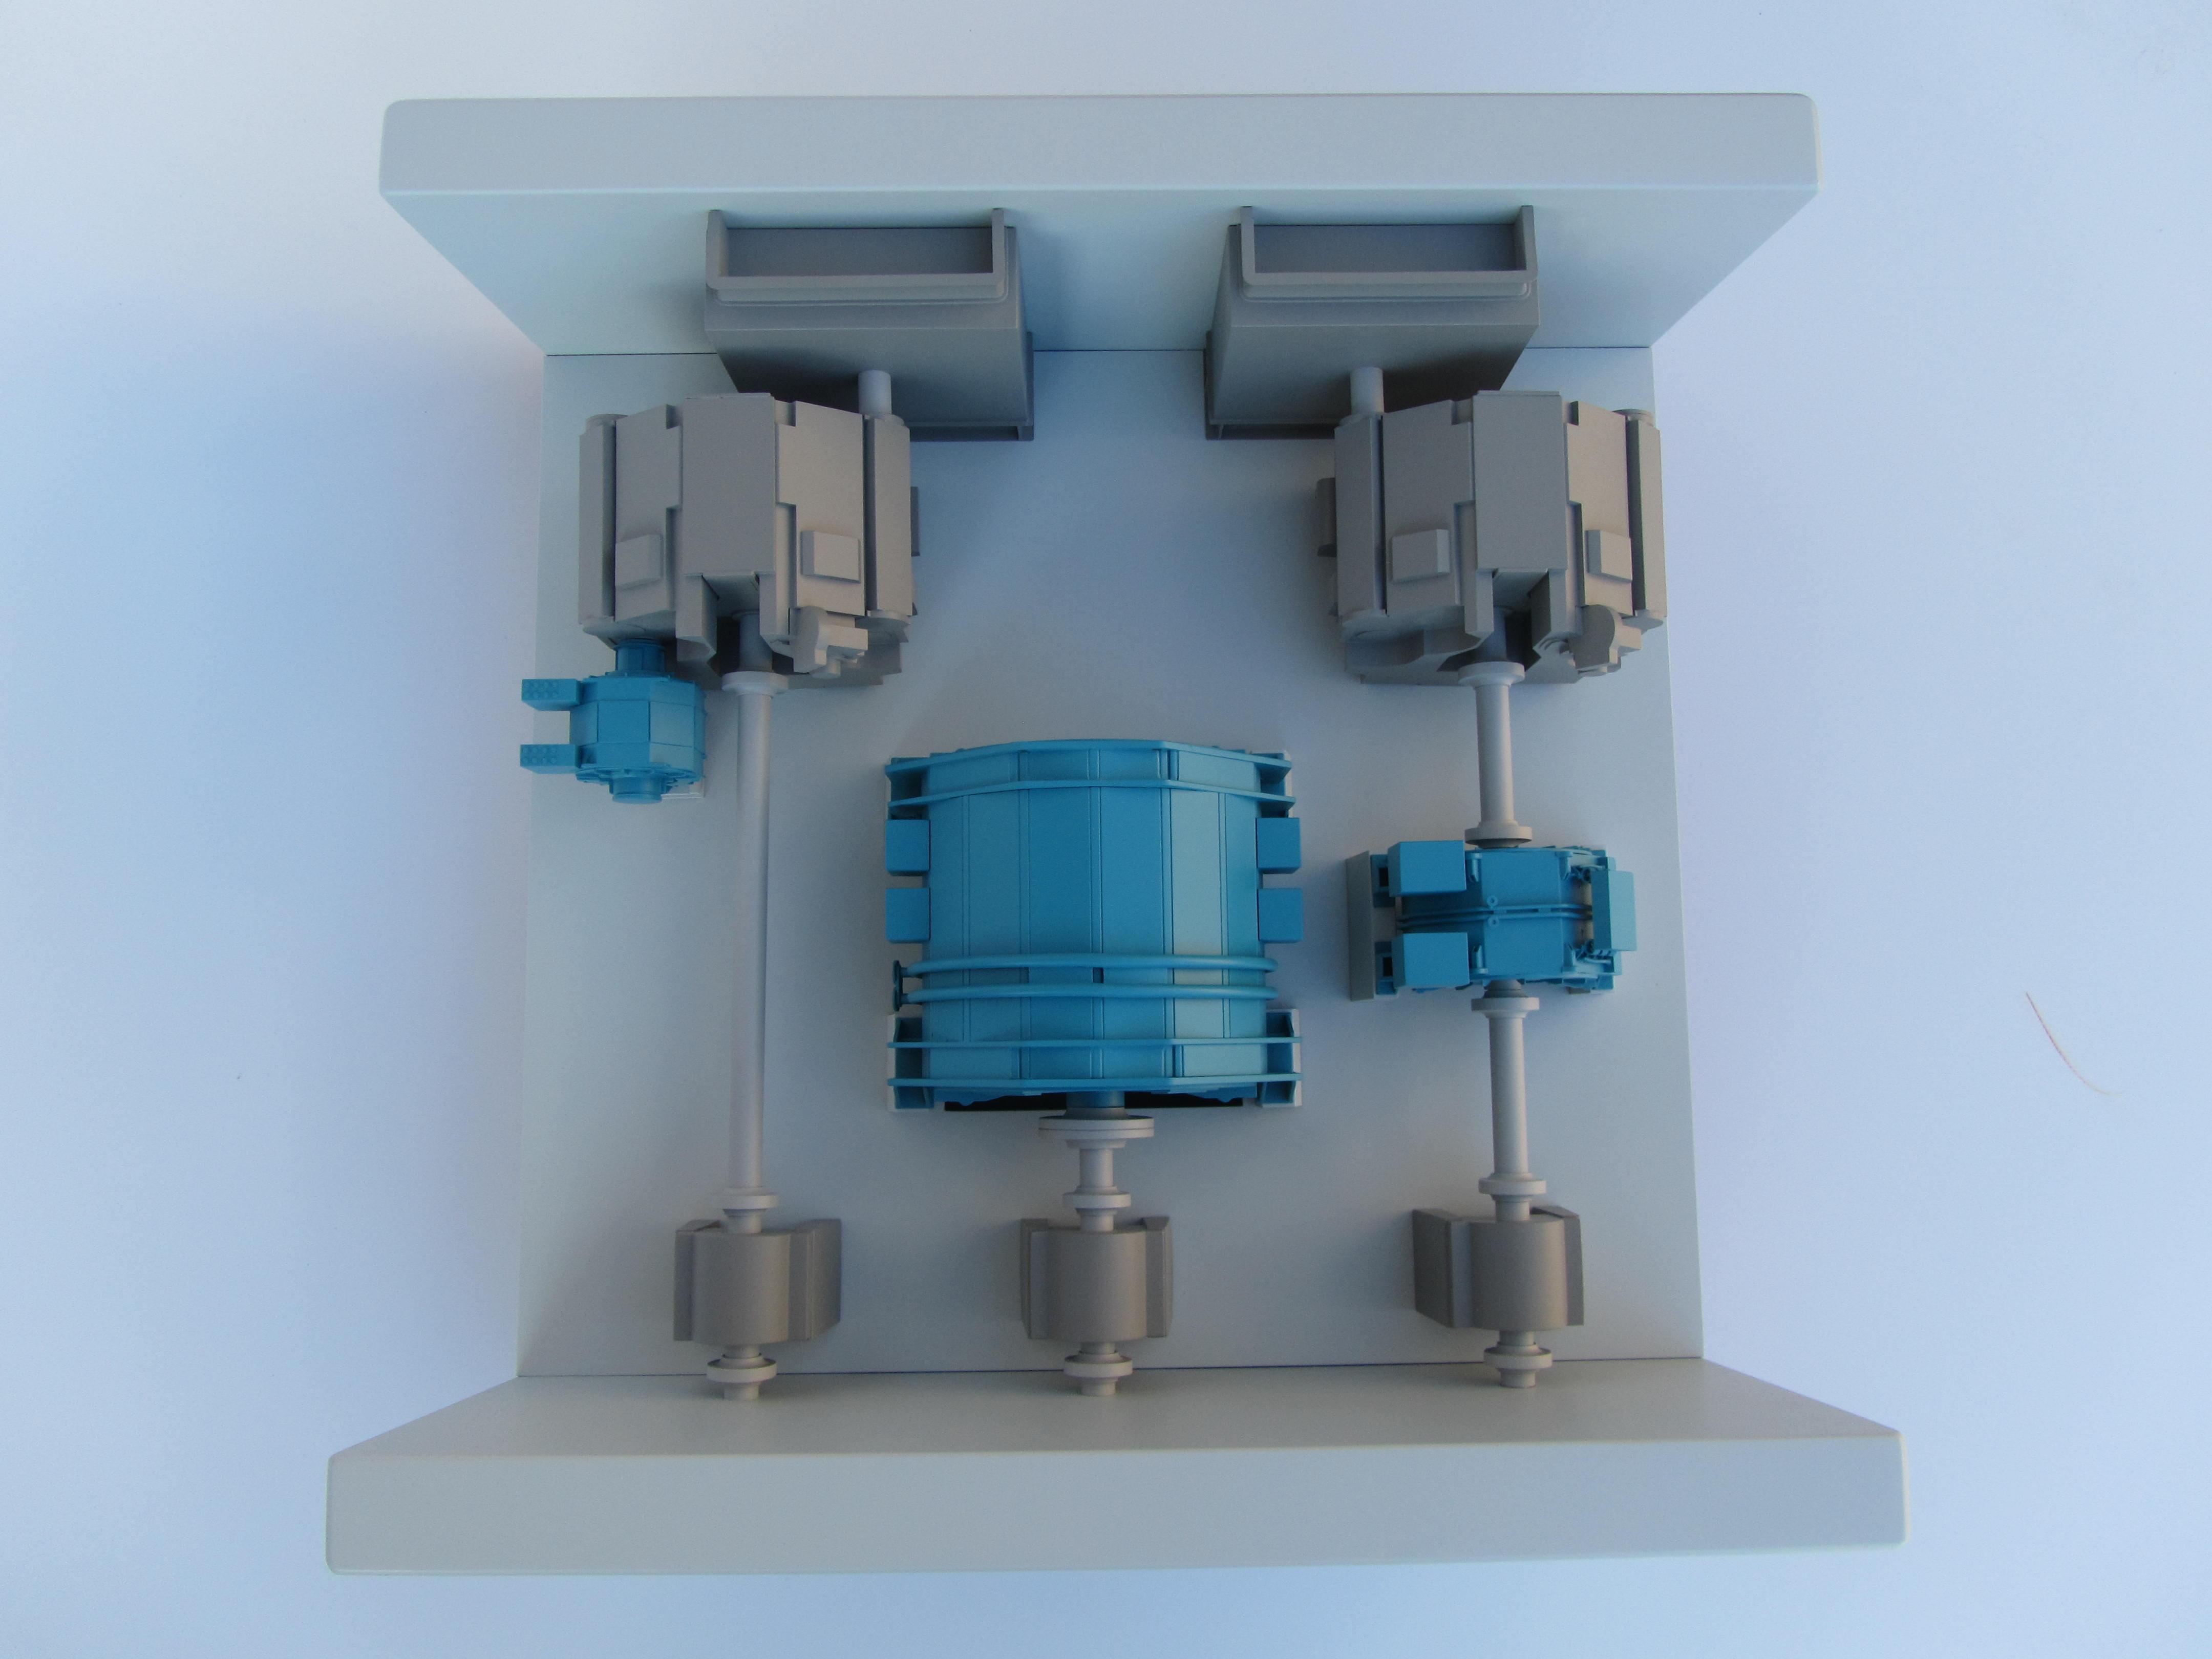 Ship Propulsion Model